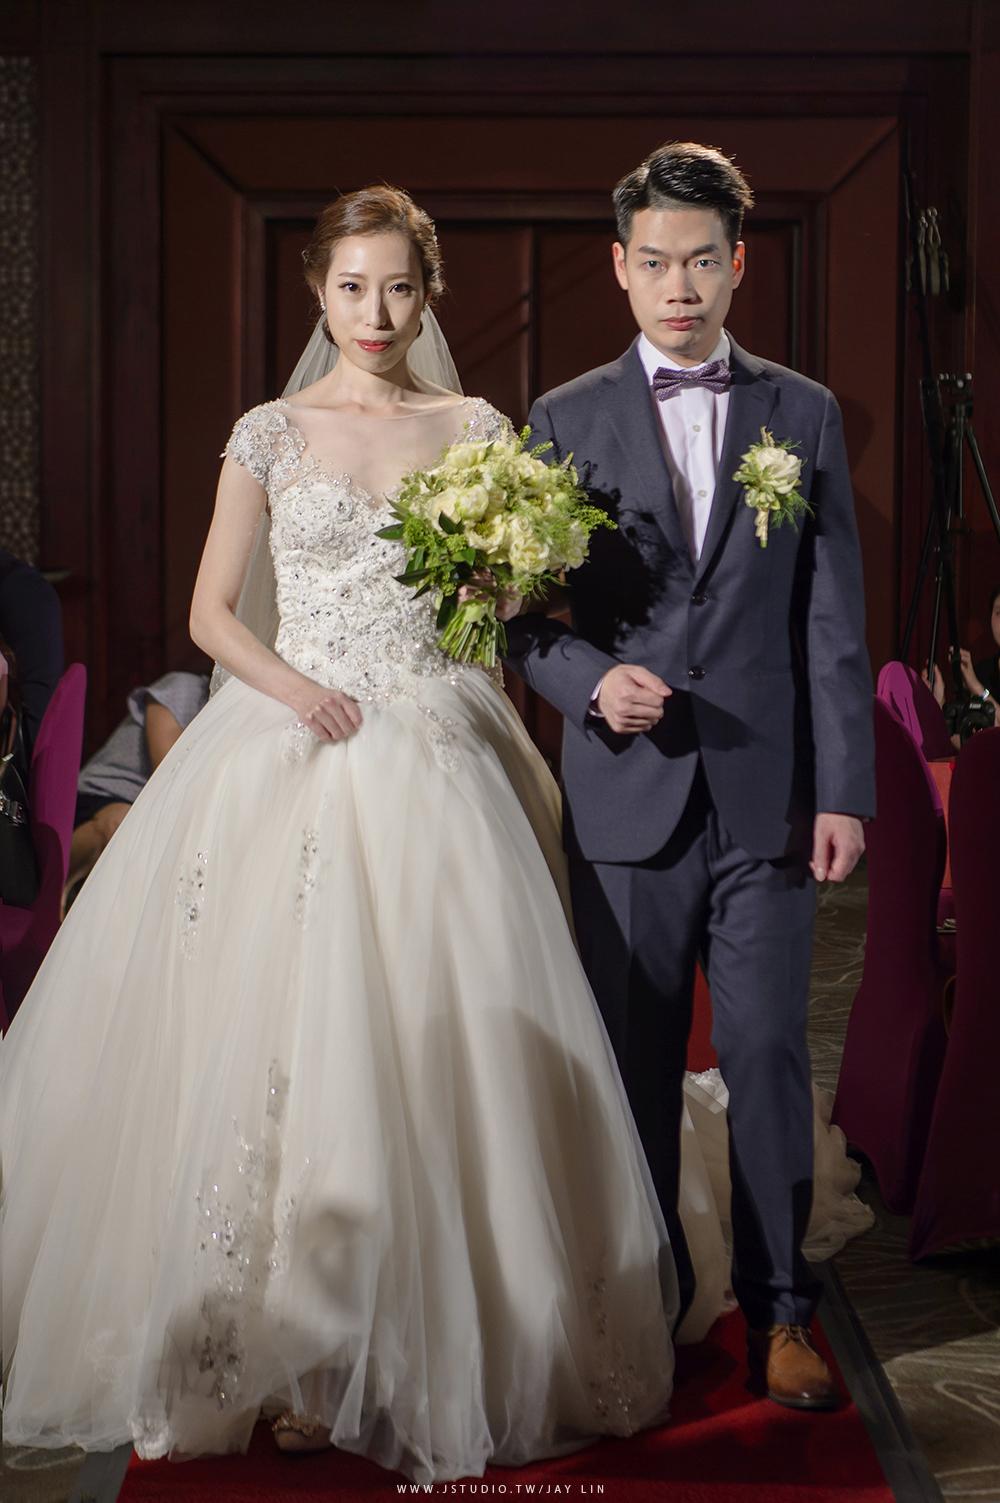 婚攝 DICKSON BEATRICE 香格里拉台北遠東國際大飯店 JSTUDIO_0064